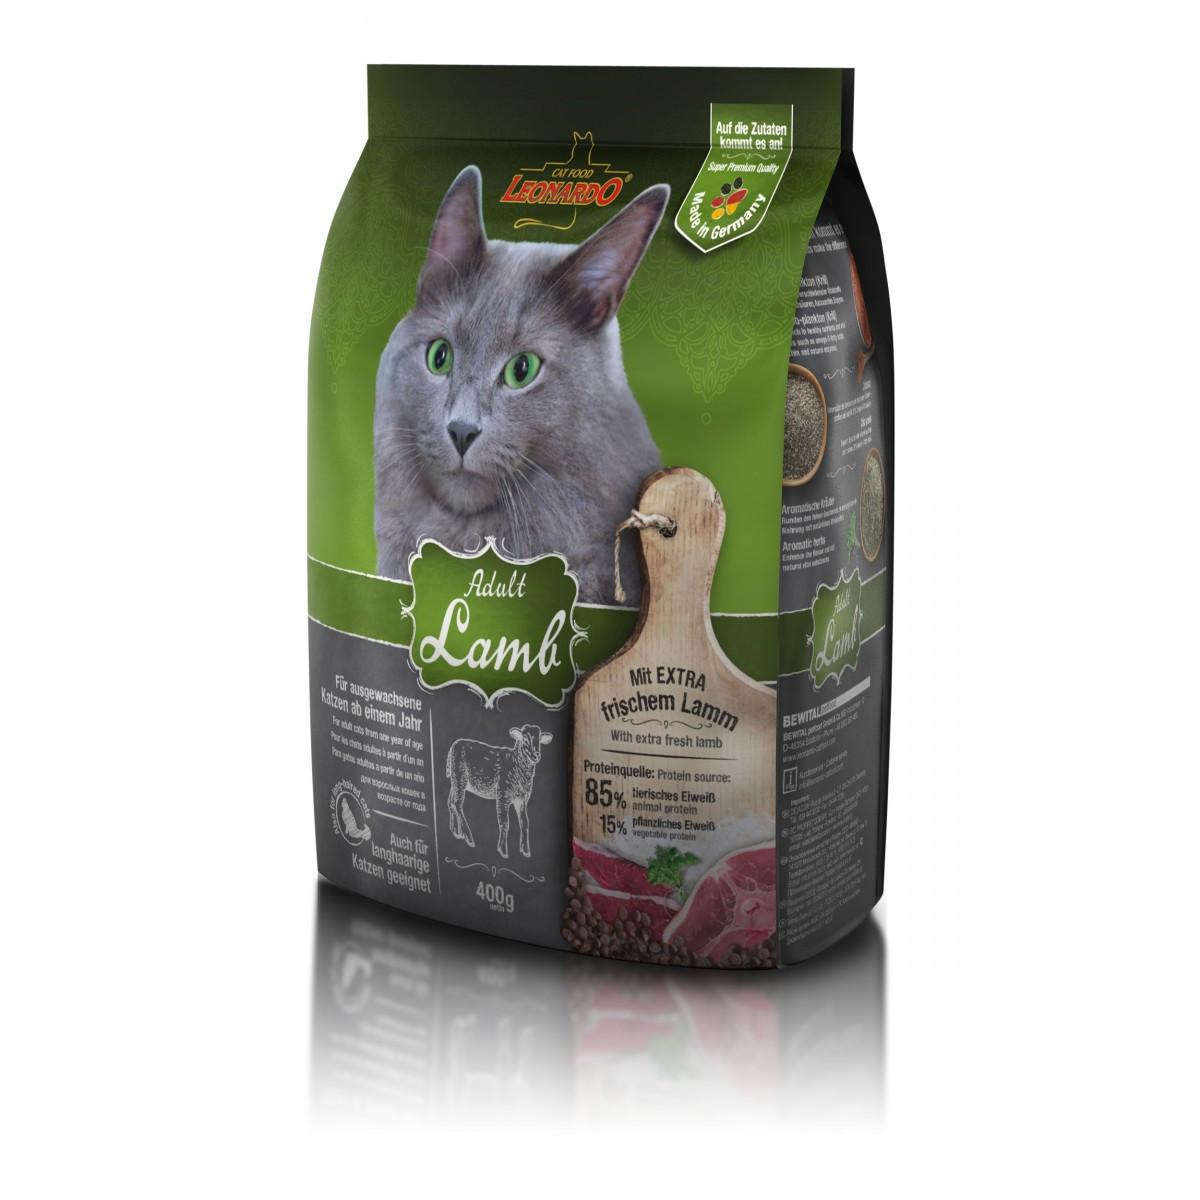 Сухой корм для взрослых кошек Leonardo Adult Sensitive Ягненок/рис при чувствительном пищеварении 400гр